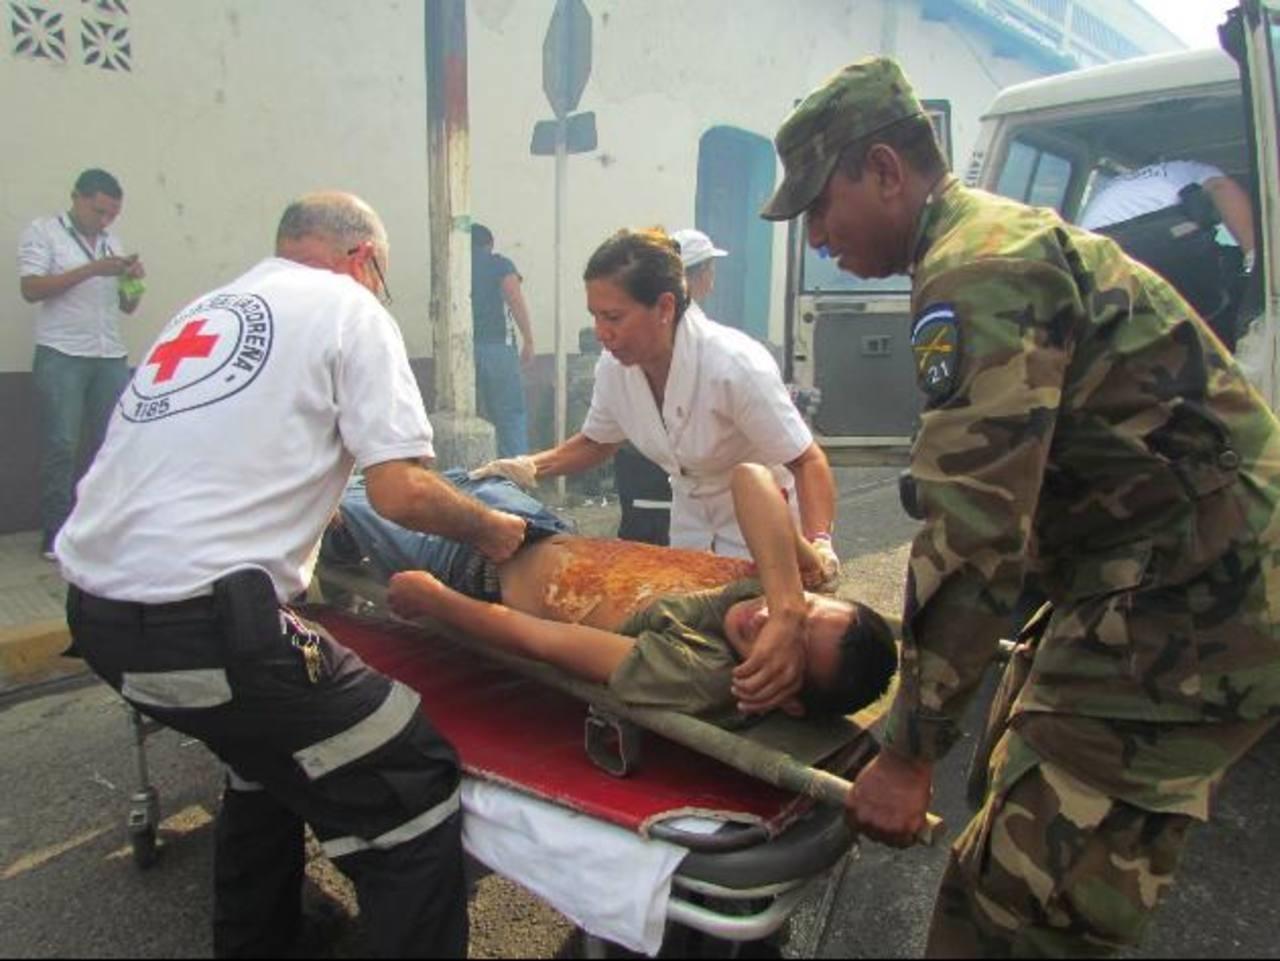 Diferentes instituciones se unieron para el desarrollo de esta actividad que les permite medir su capacidad de respuesta en desastres. foto edh / mauricio guevara